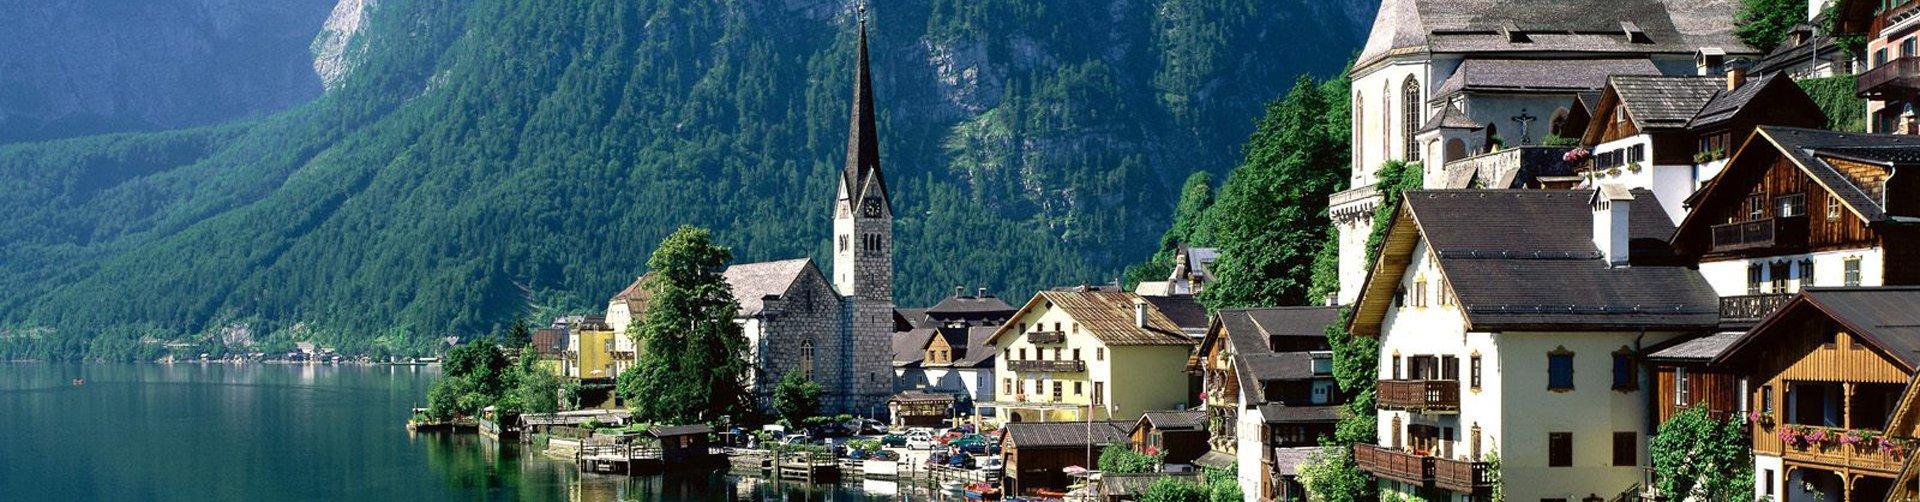 Vakantie Oostenrijk